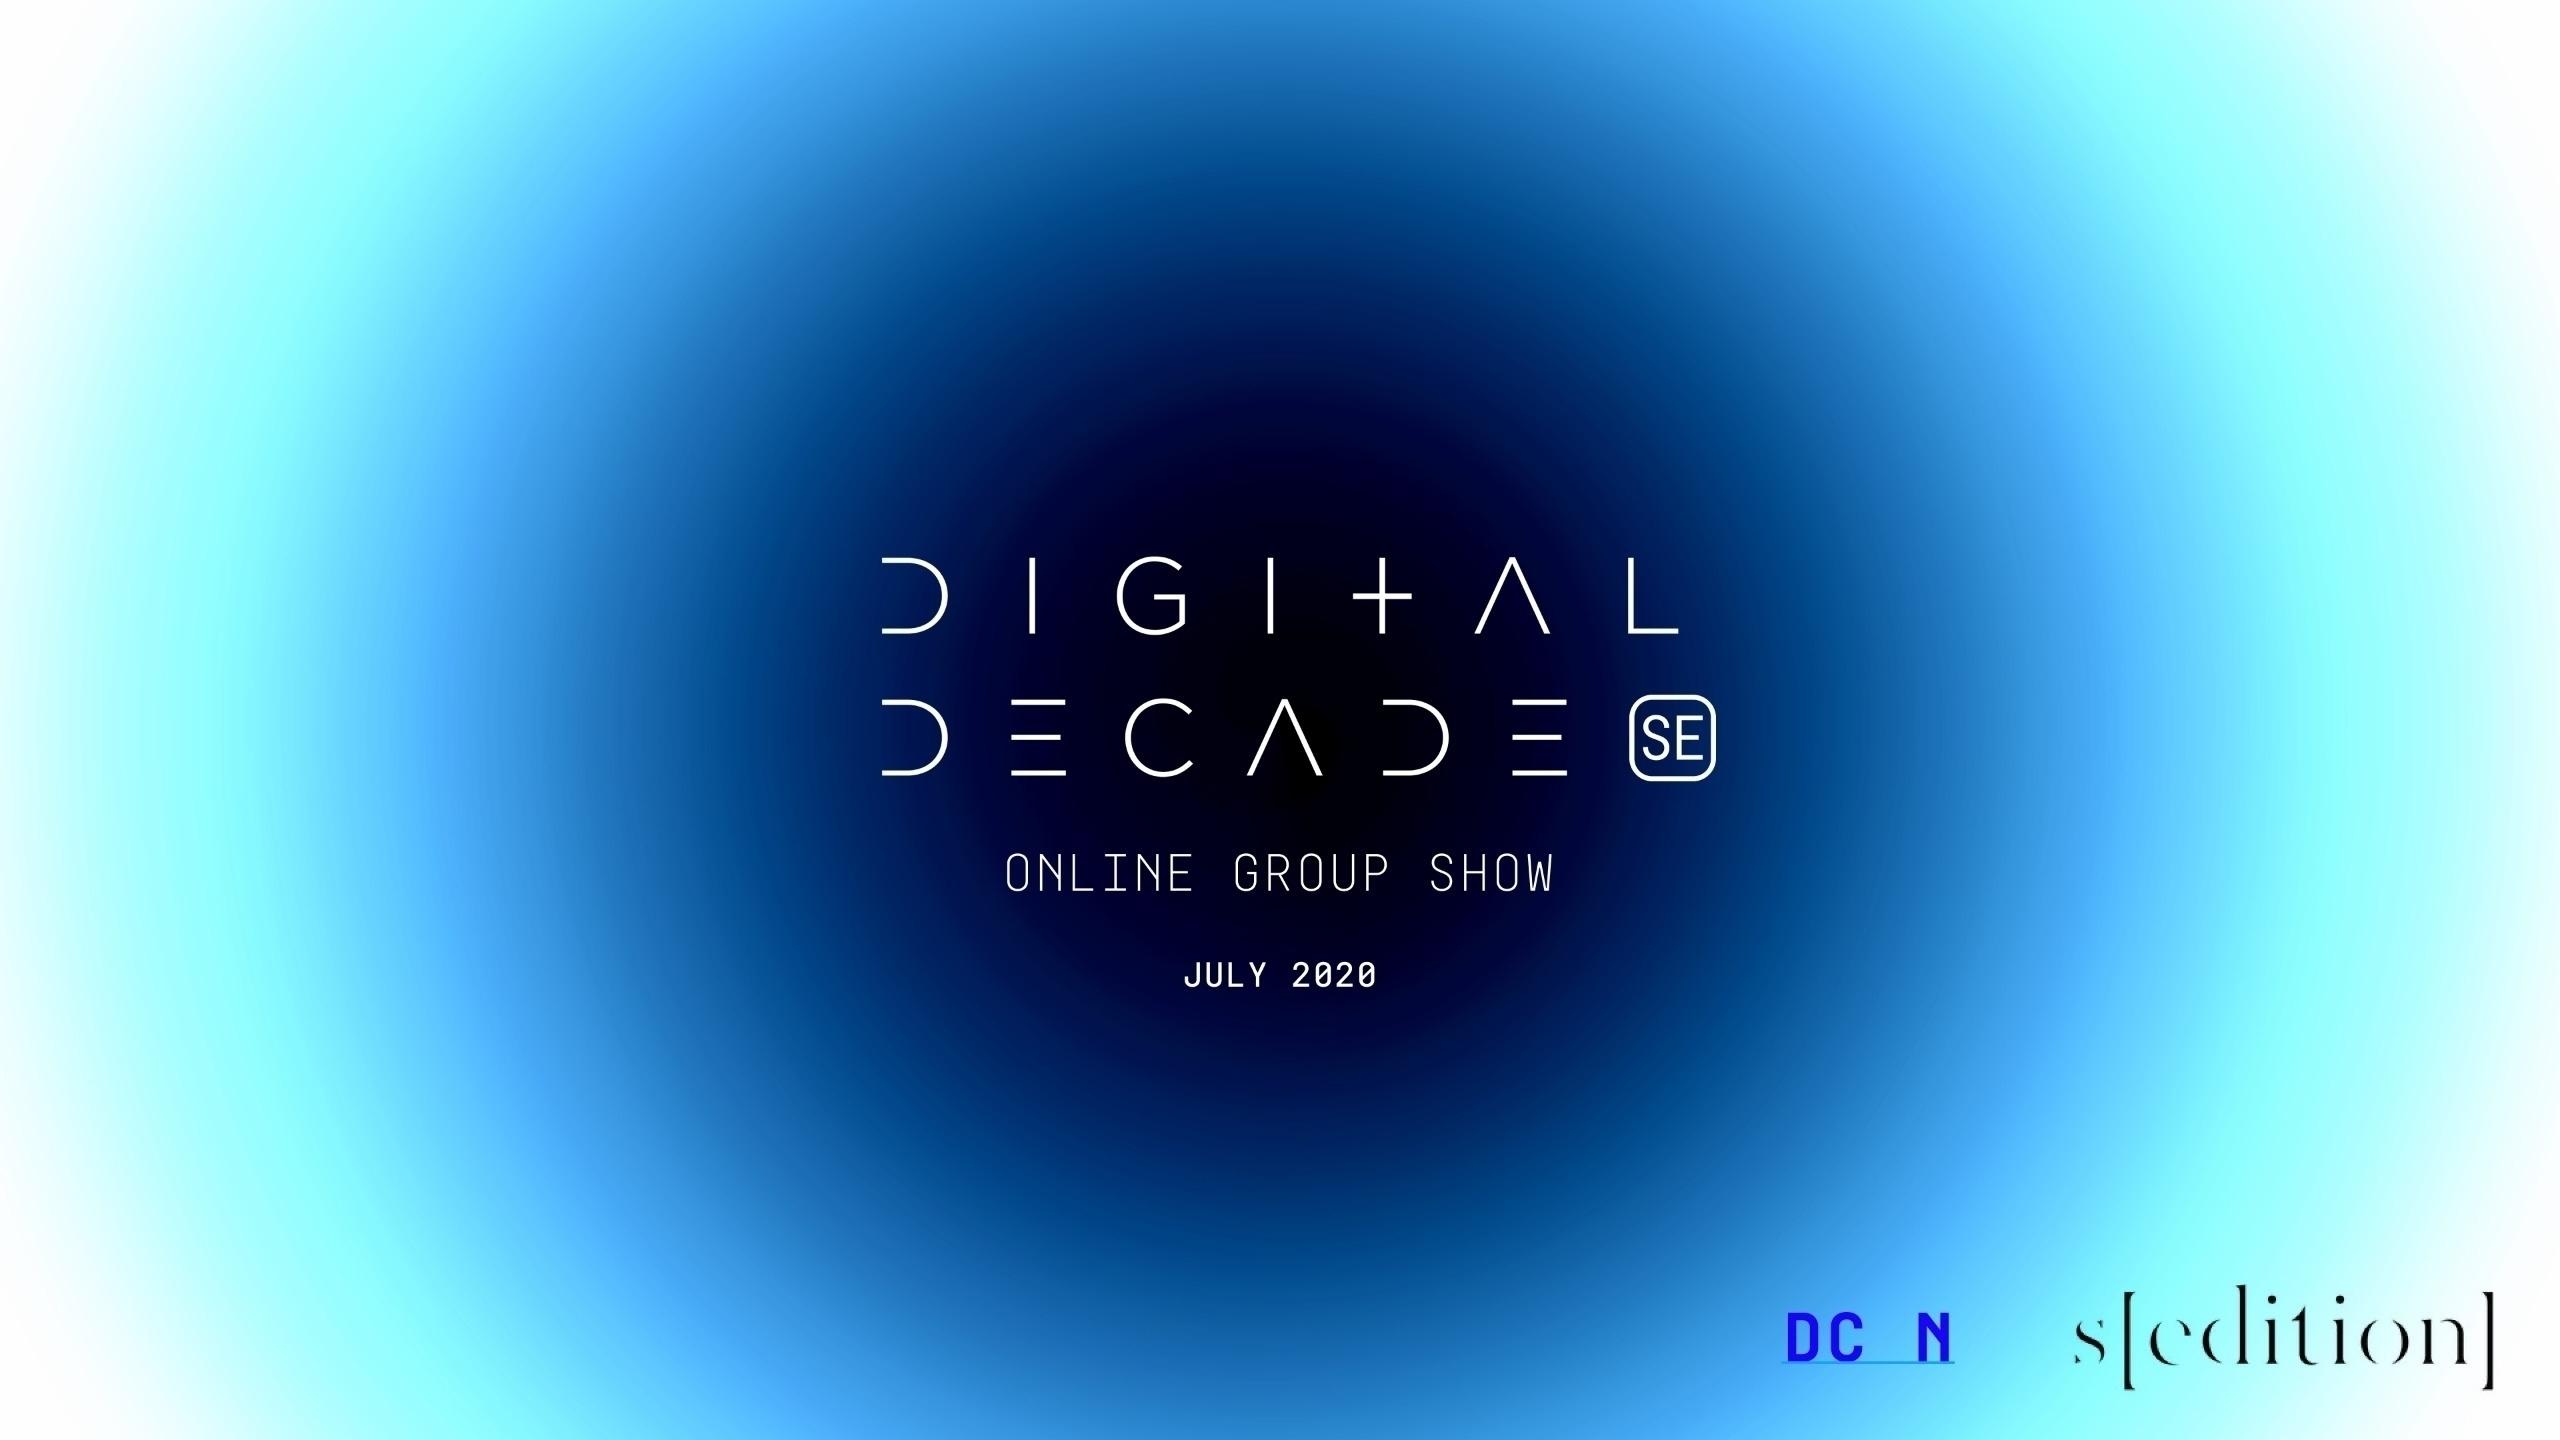 DIGITAL DECADE SE 2020 Digital  - digitaldecade | ello